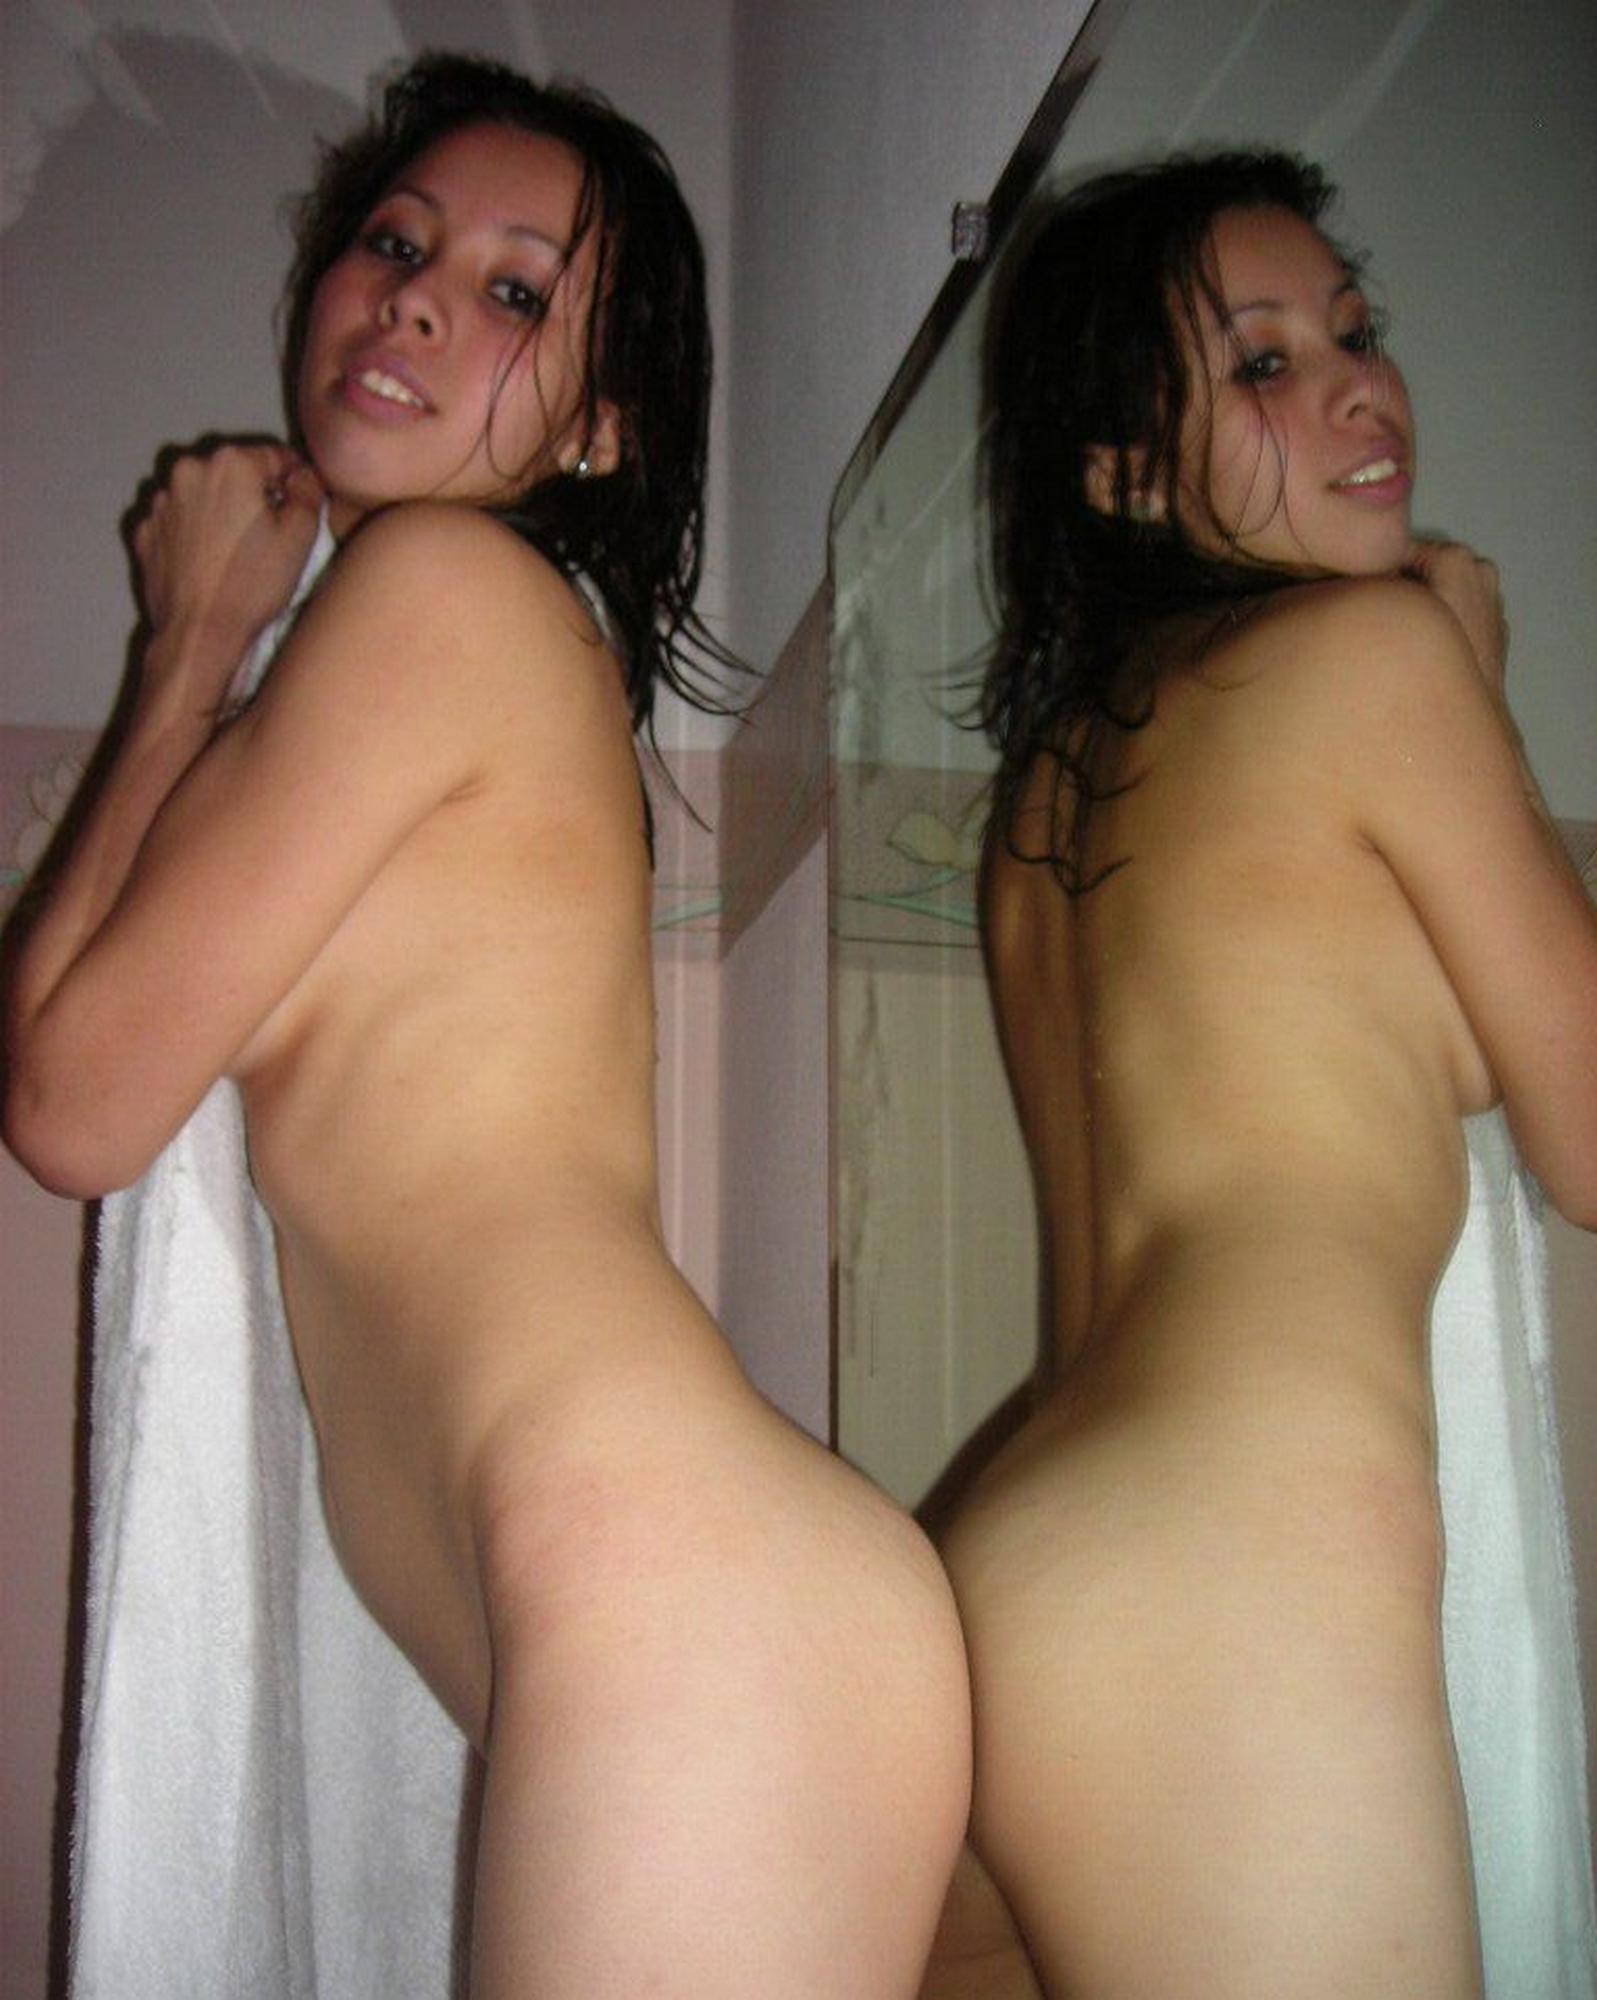 Влажная молодая тёлка с худеньким торсом делает селфи плавая под струями душа секс фото